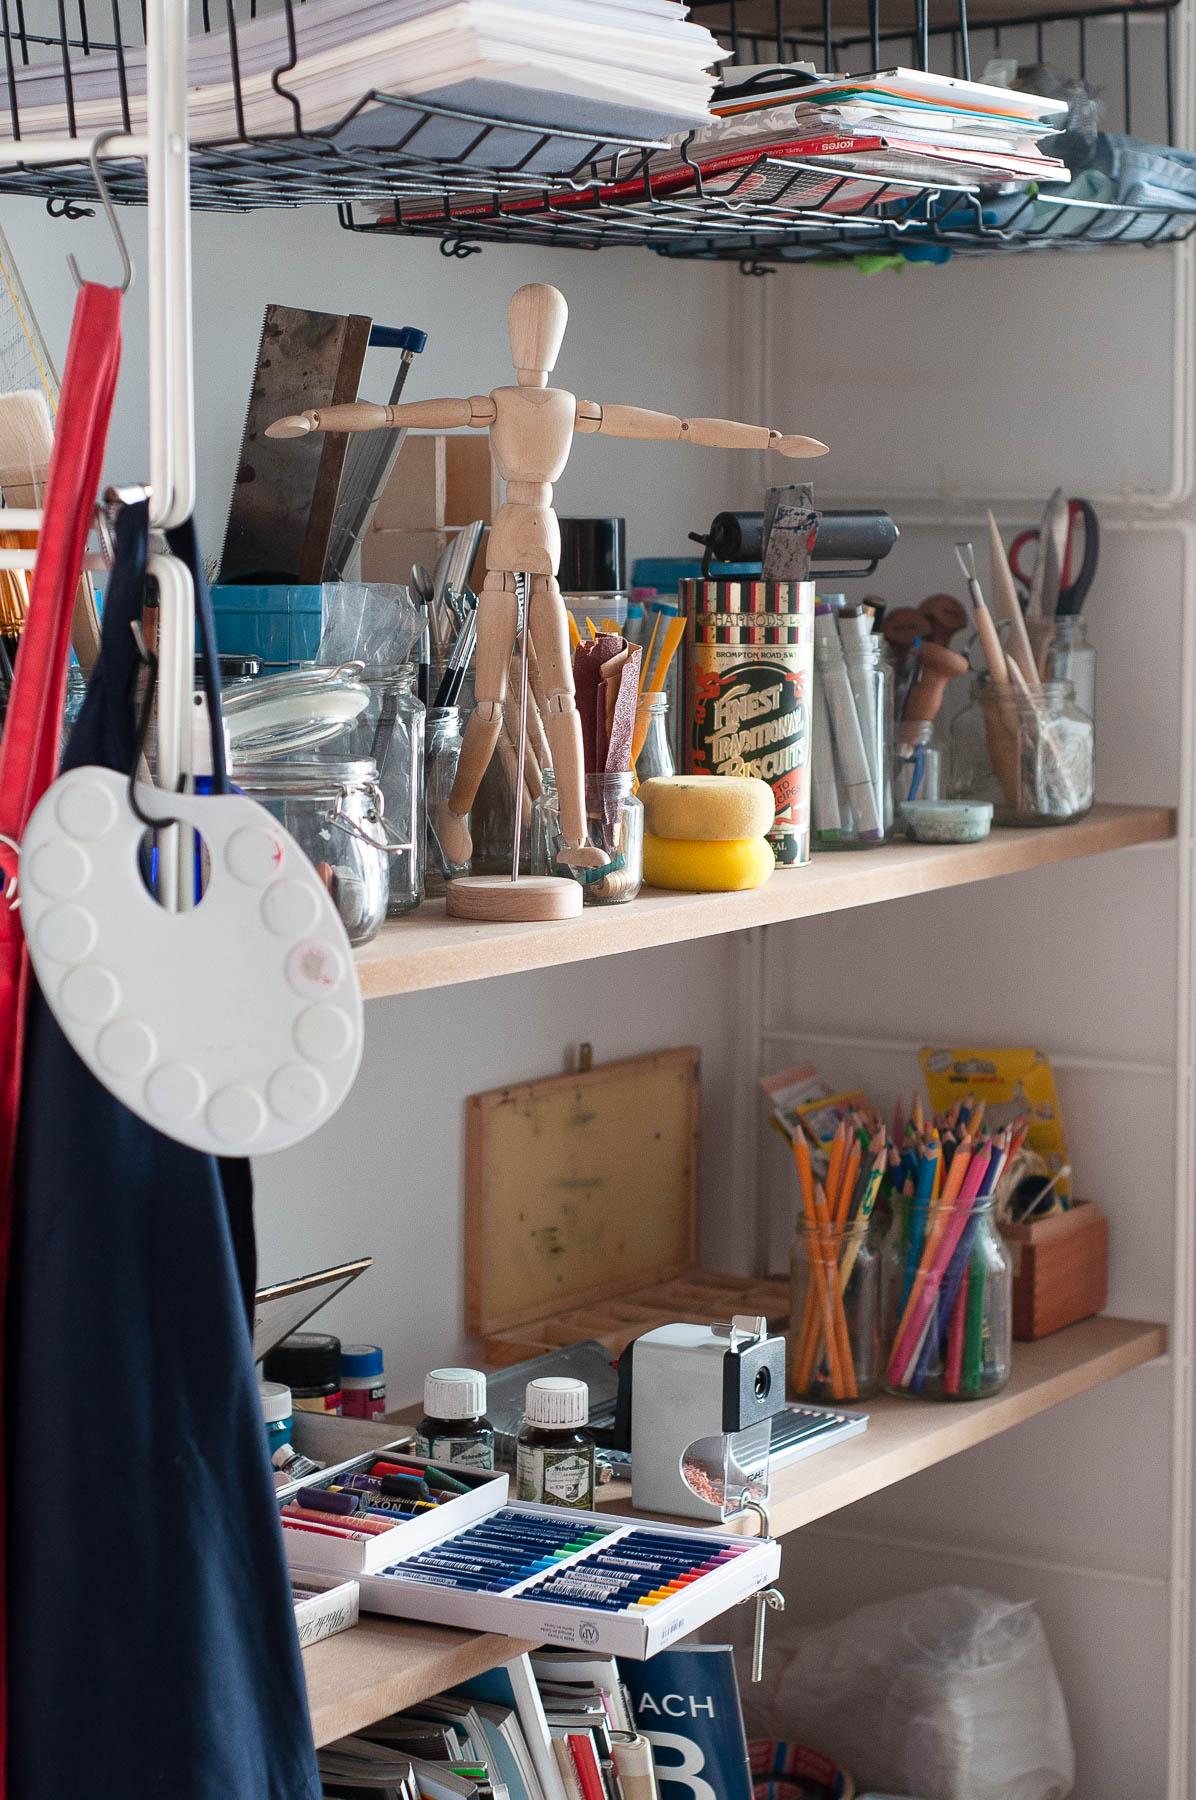 Materialien für das Malen, Zeichen, Formen, Drucken und vieles mehr stehen zur Verfügung im atelier mishugge für Kunsttherapie und Kreativtraining in Wien 15.